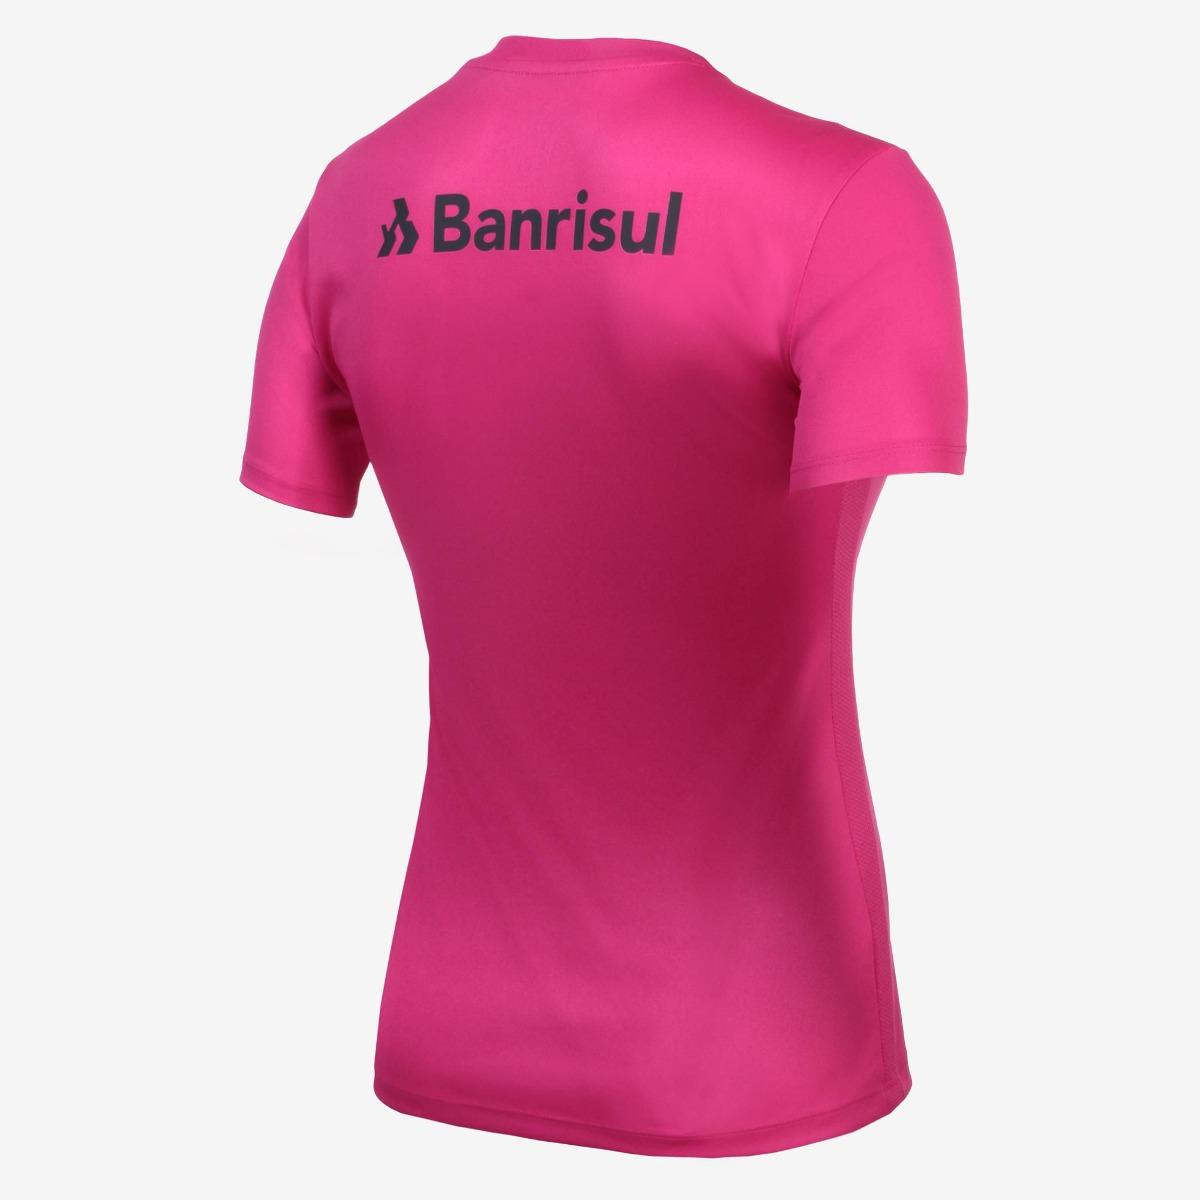 camisa nike internacional outubro rosa feminina. Carregando zoom. 83816e546b3a1